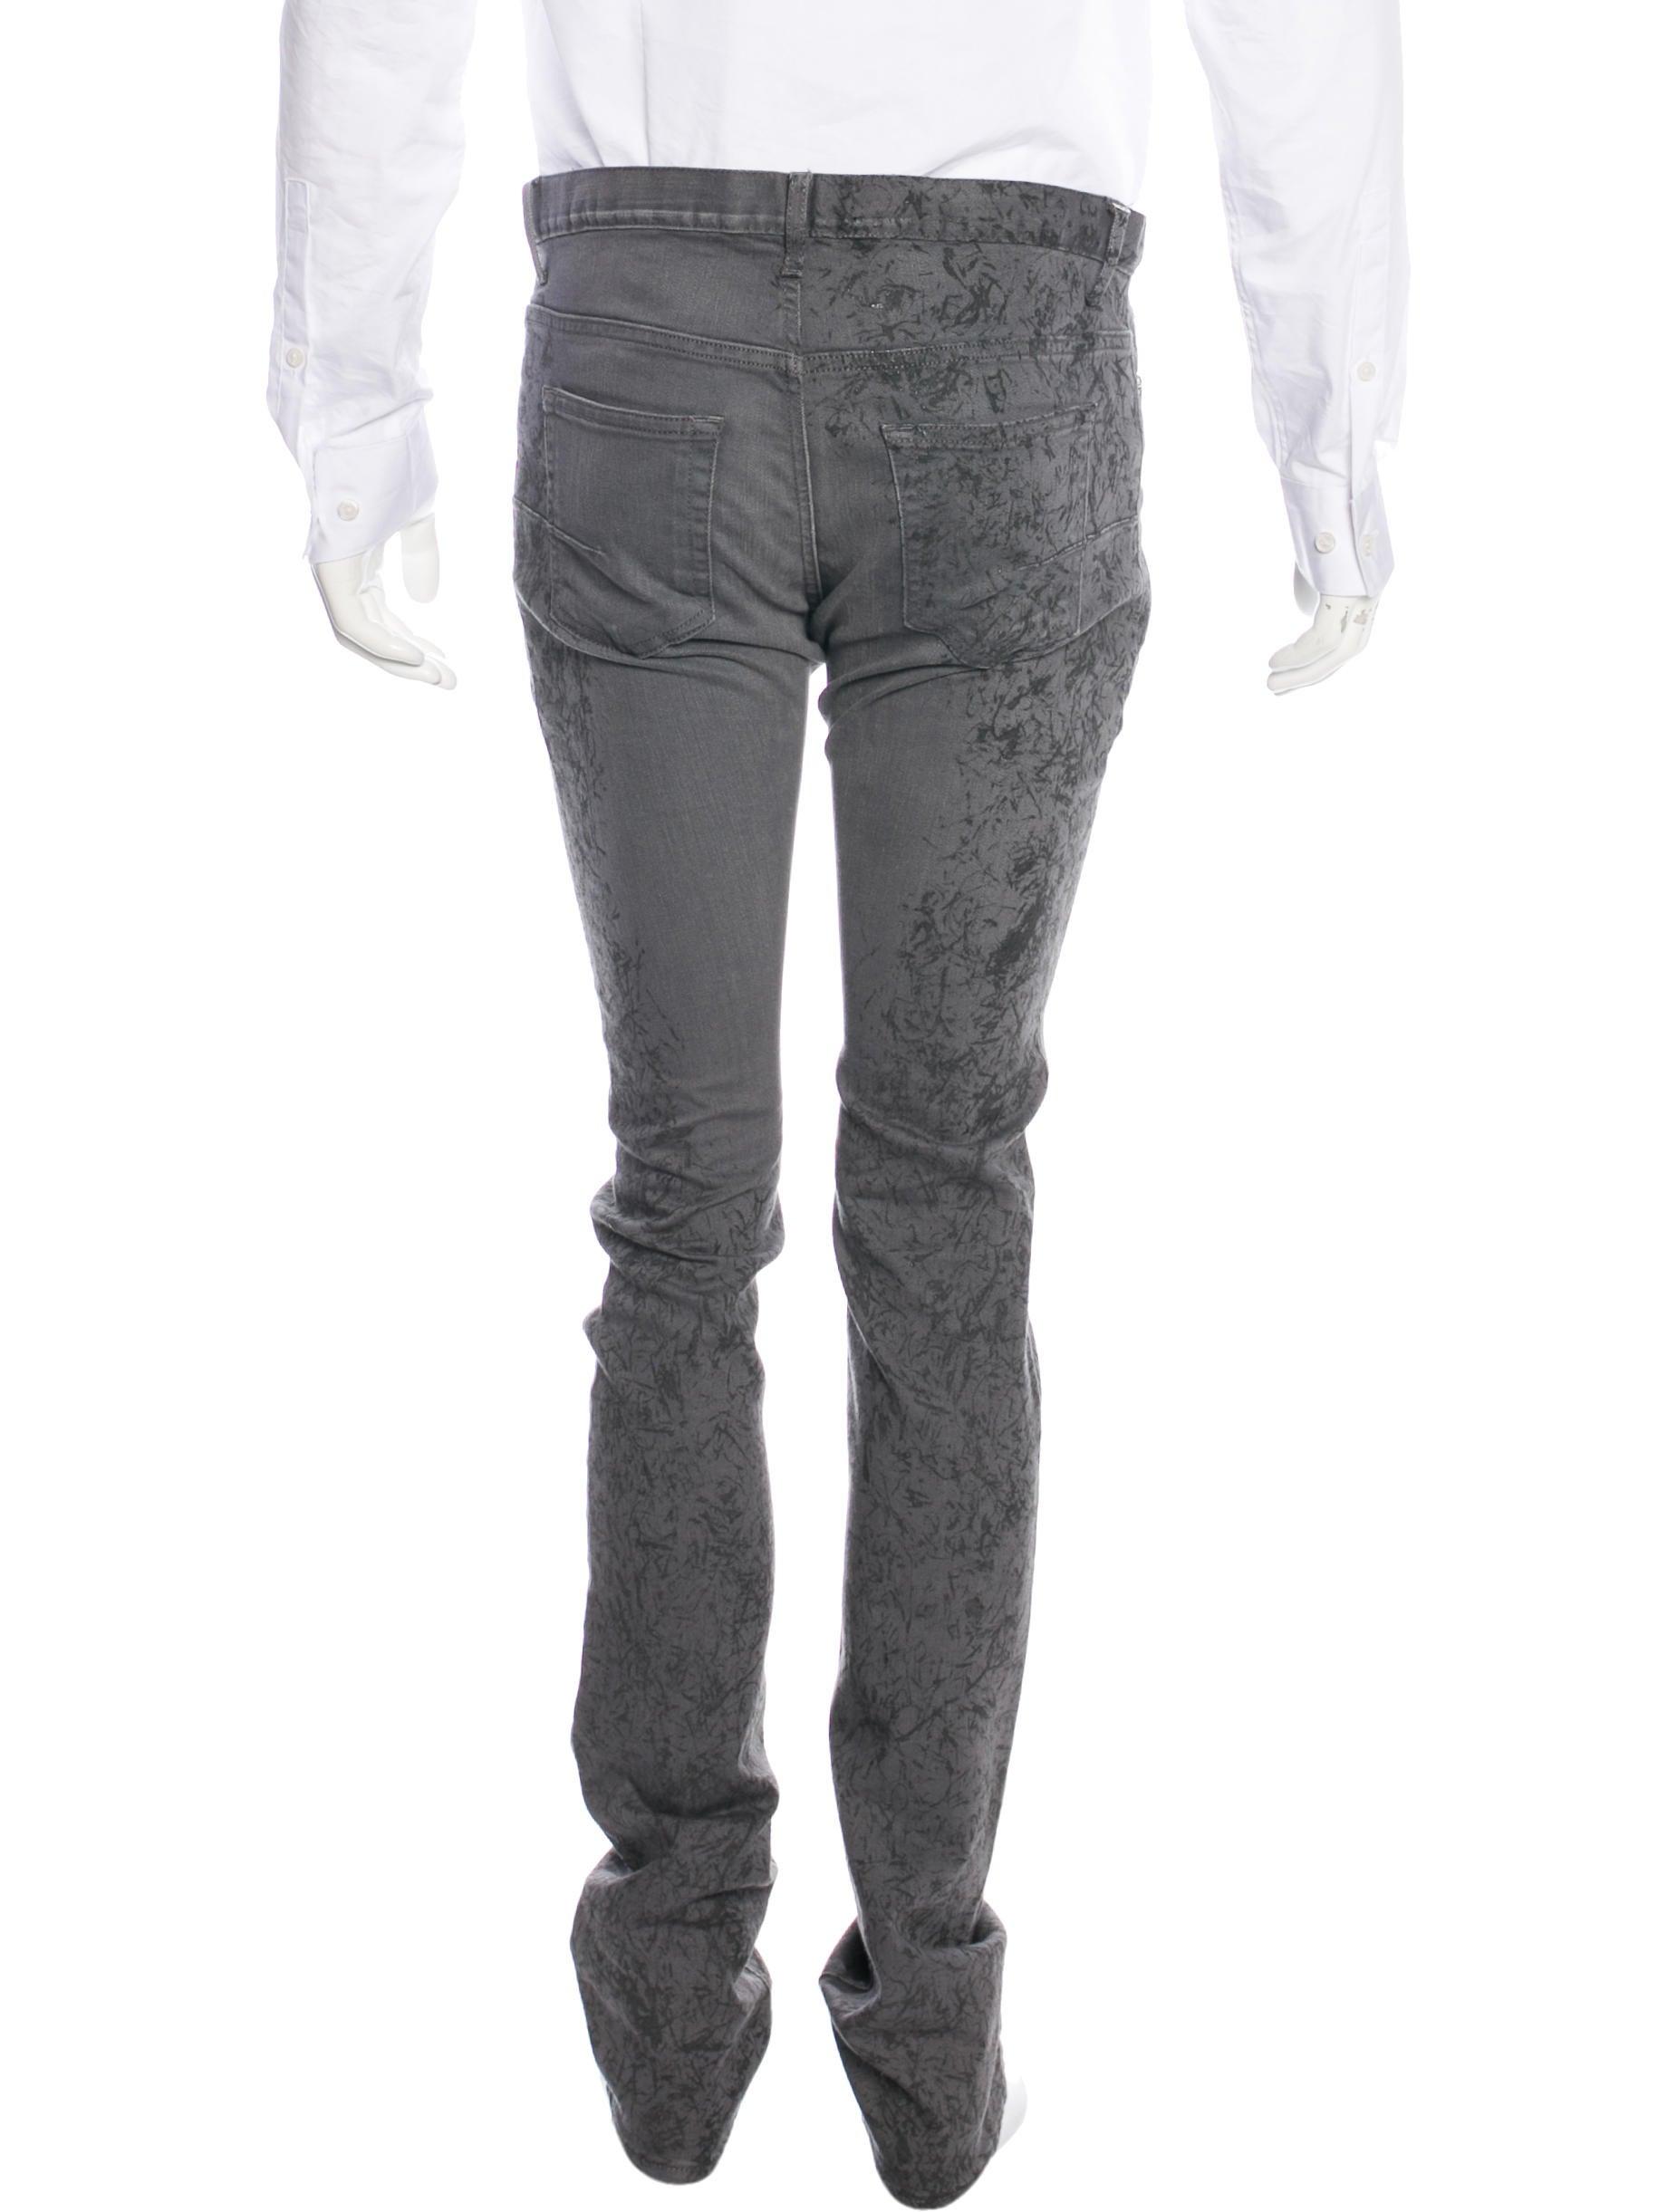 dior homme splatter skinny jeans clothing hmm23597 the realreal. Black Bedroom Furniture Sets. Home Design Ideas